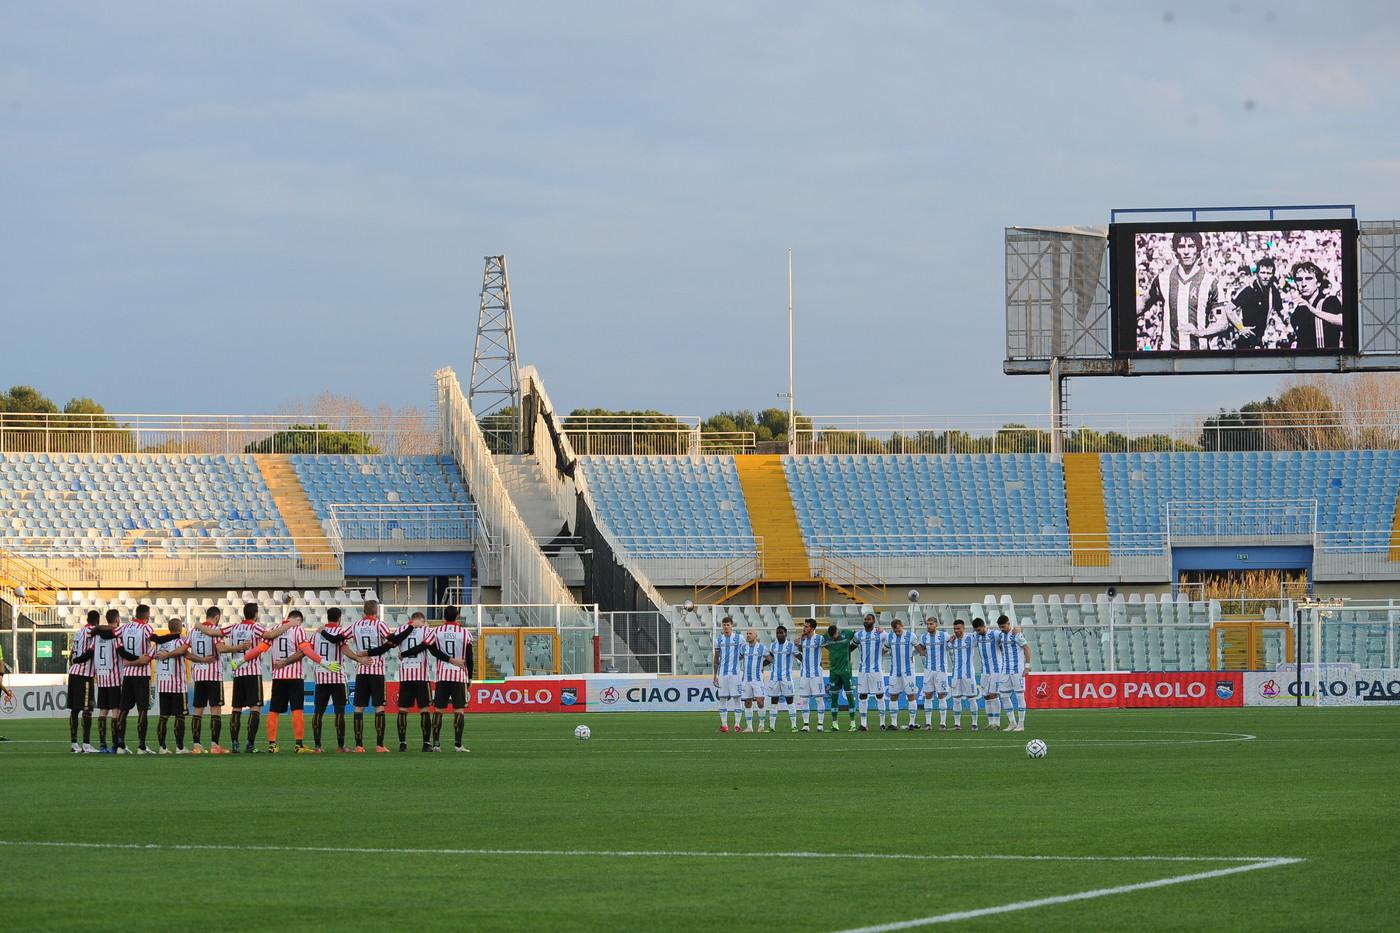 Anche il suo Vicenza ha ricordato Paolo Rossi all&rsquo;Adriatico di Pescara. I giocatori infatti sono scesi sul terreno di gioco con una maglia biancorossa con il numero 9 in ricordo del campione del mondo scomparso.<br /><br />